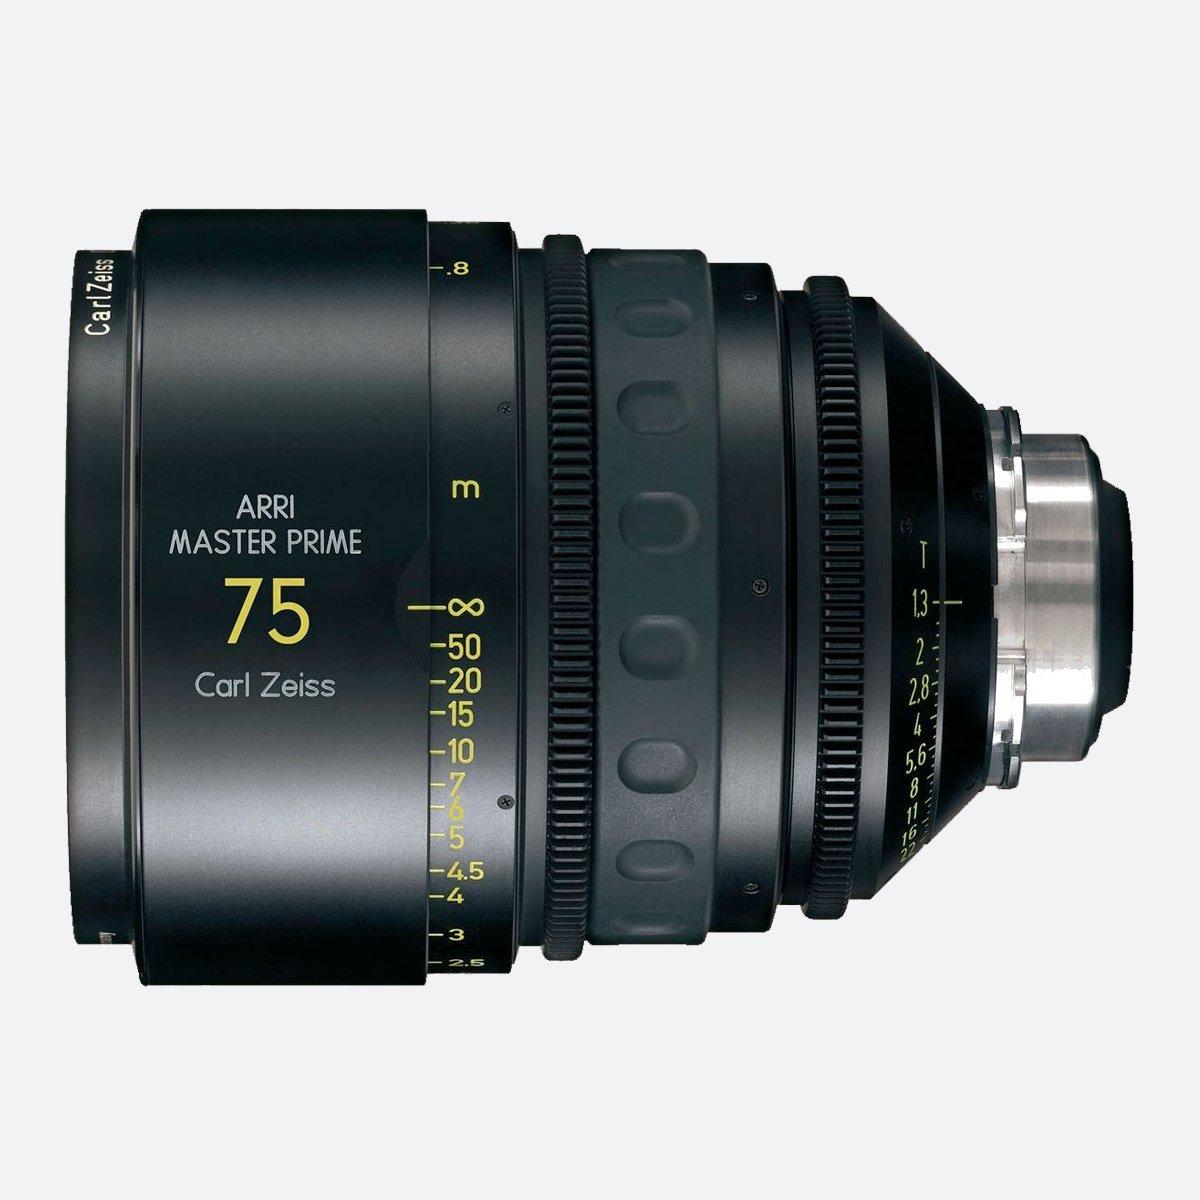 ARRI 75mm T1.3 Master Prime Lens